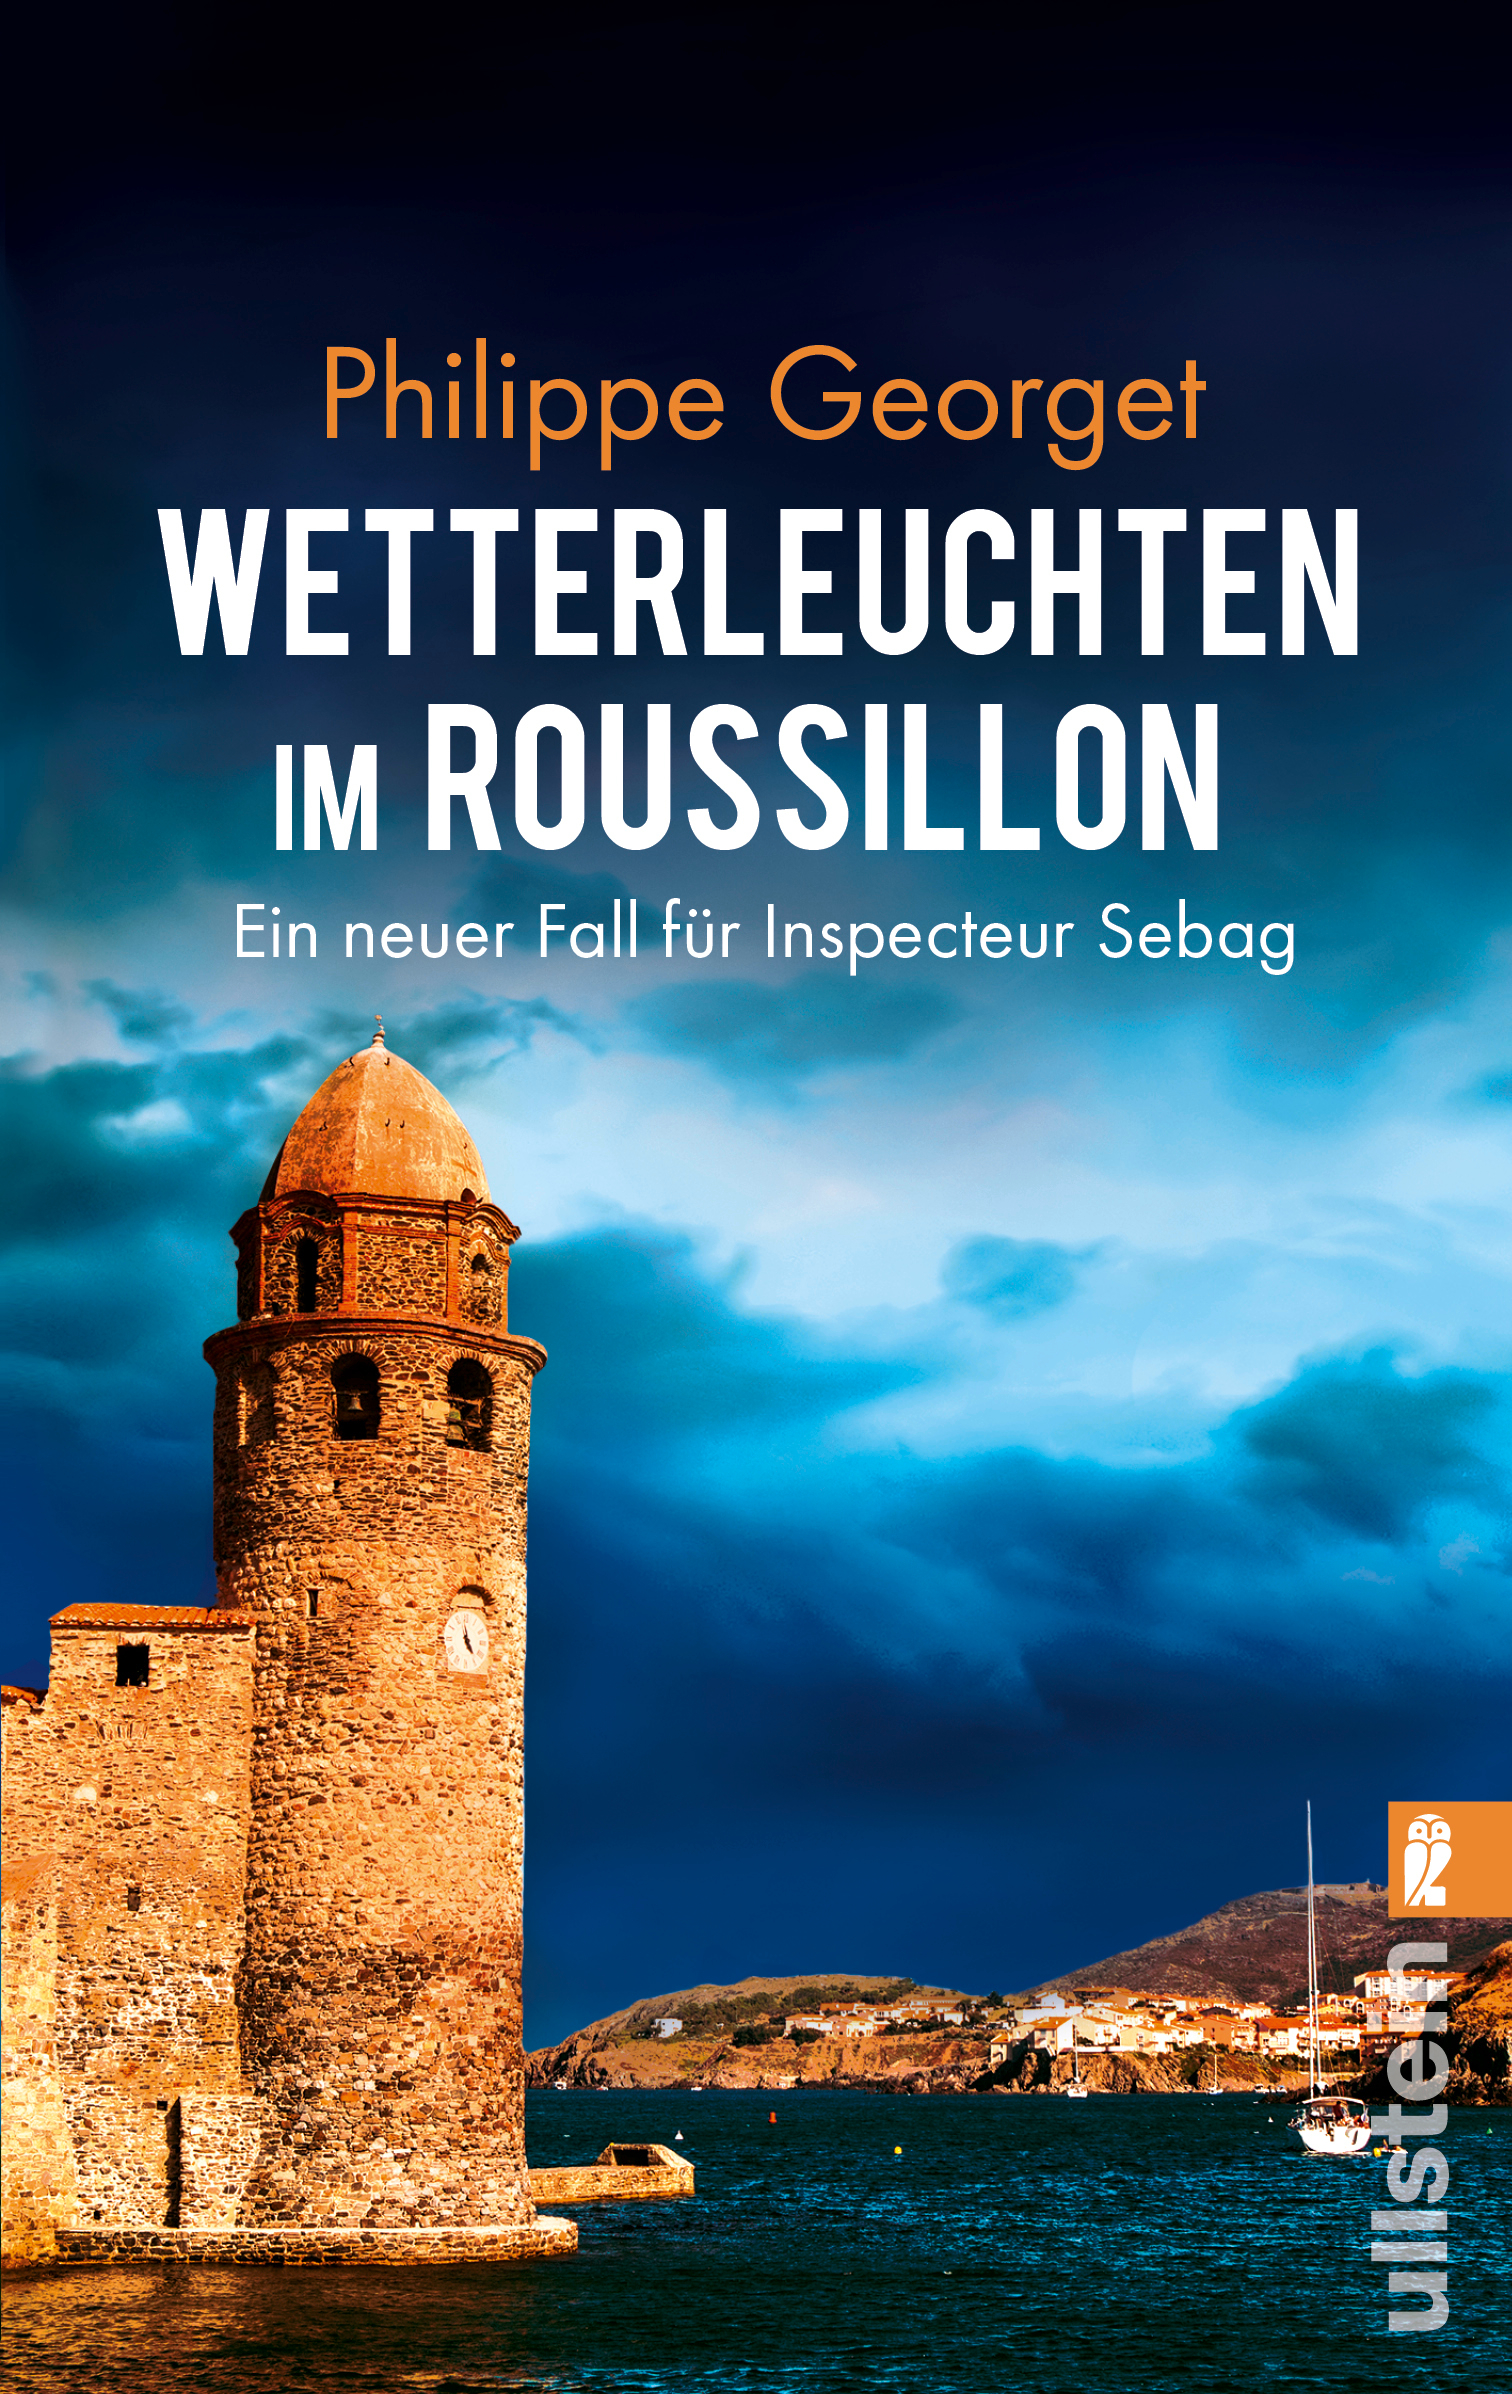 Wetterleuchten im Roussillon: Ein neuer Fall für Inspecteur Sebag - Philippe Georget